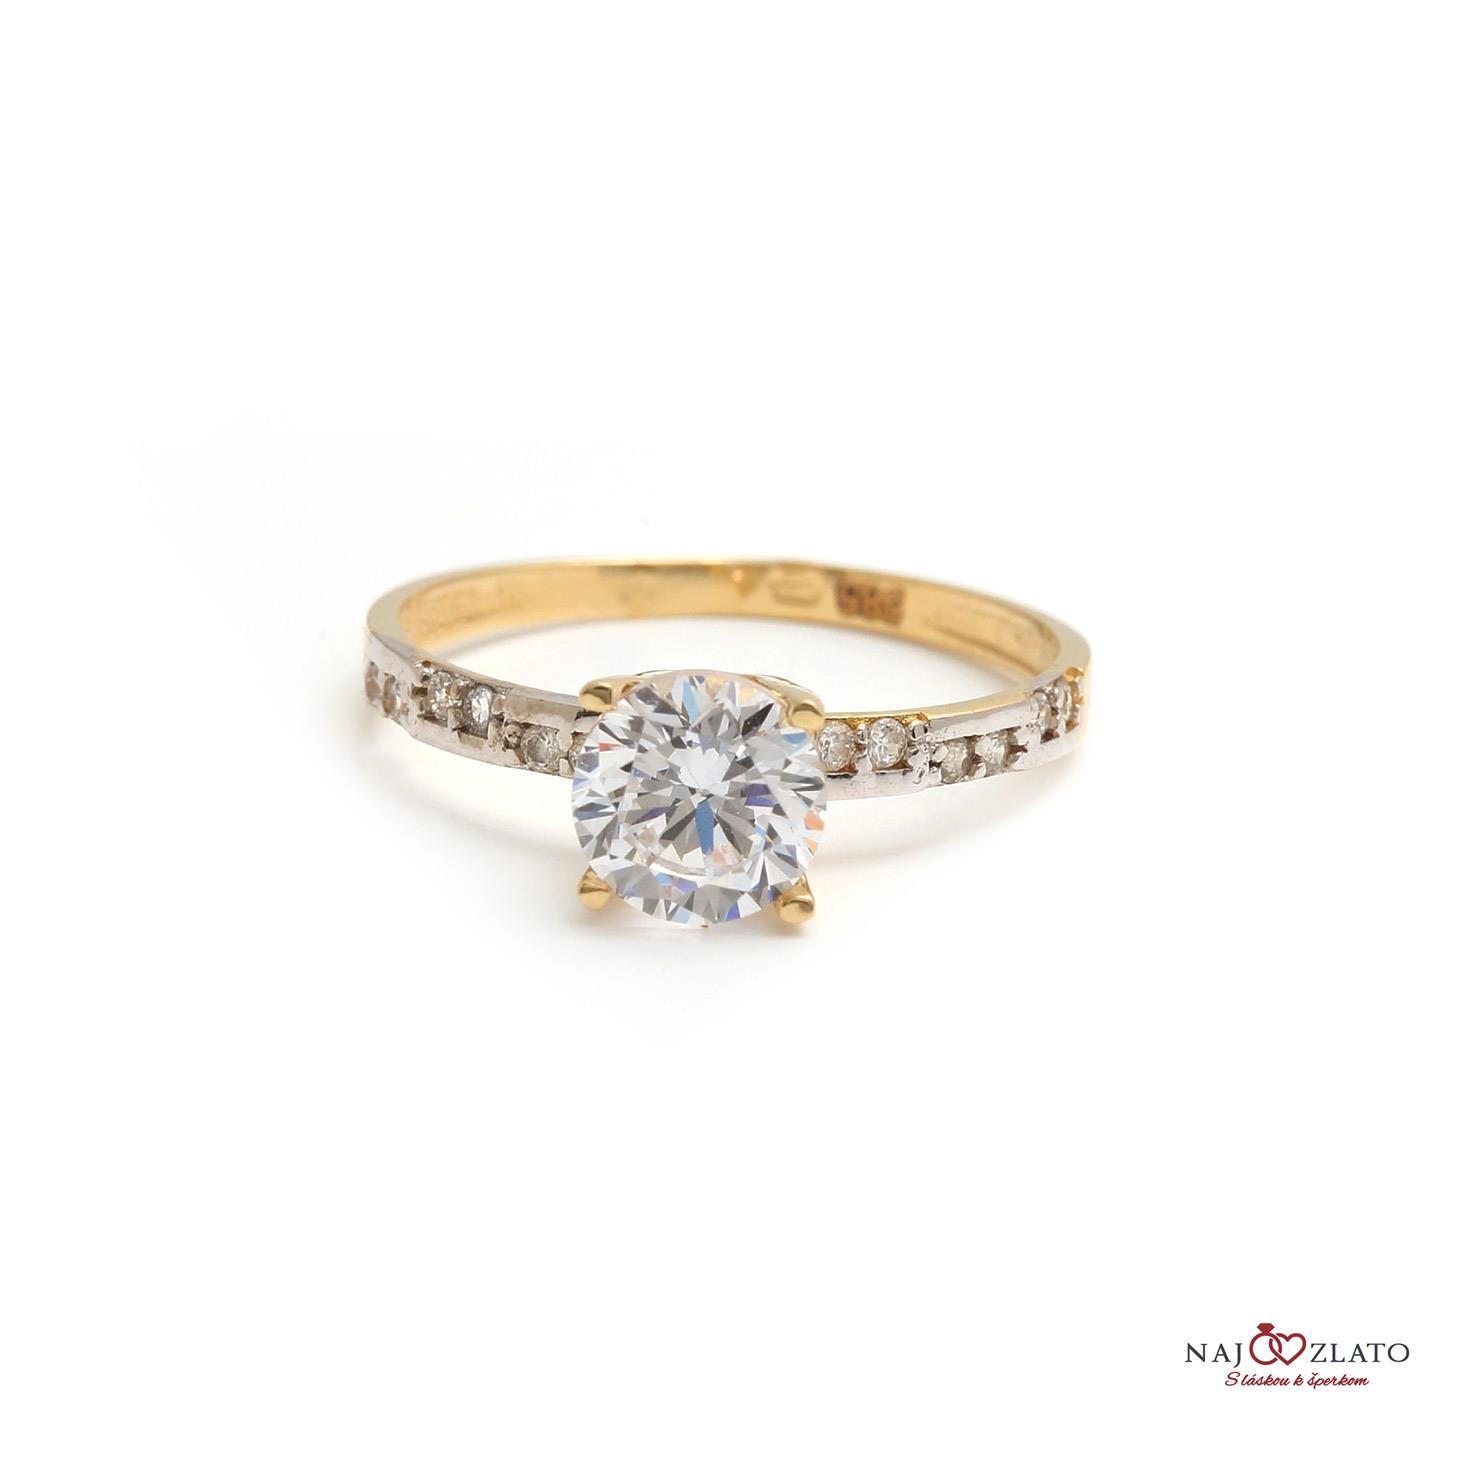 zlatý zásnubný prsteň tonia zlatý zásnubný prsteň tonia 1 ... bbbac20d117